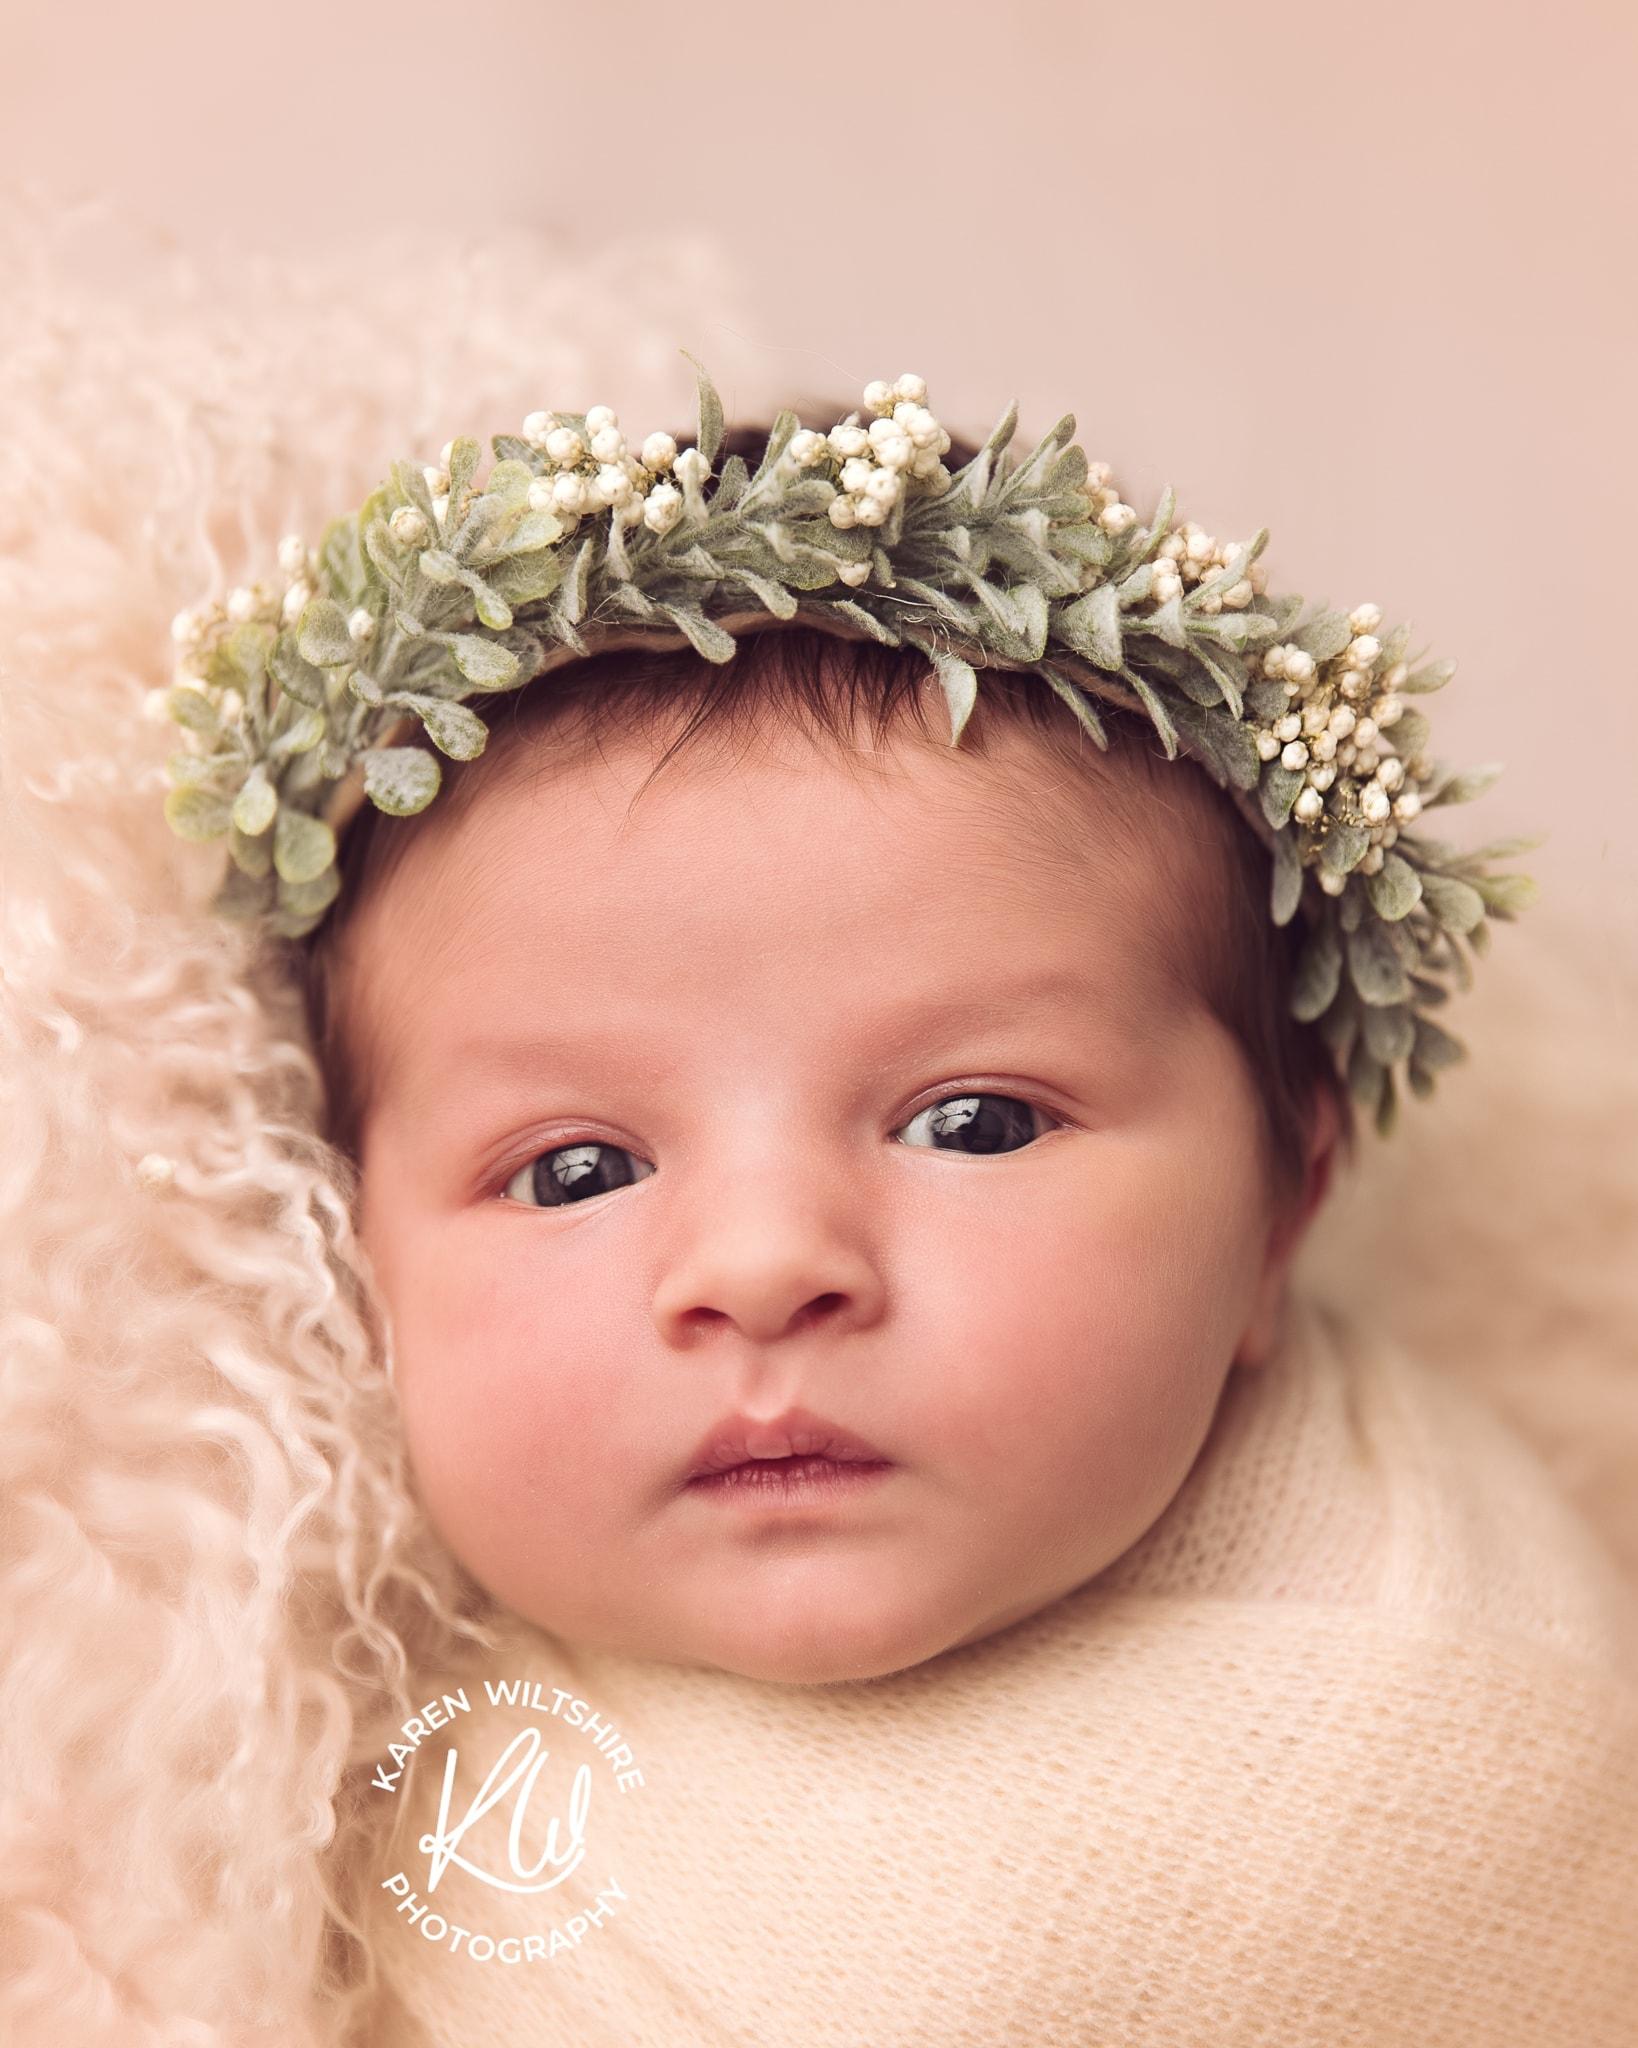 wide awake newborn Baby in headband